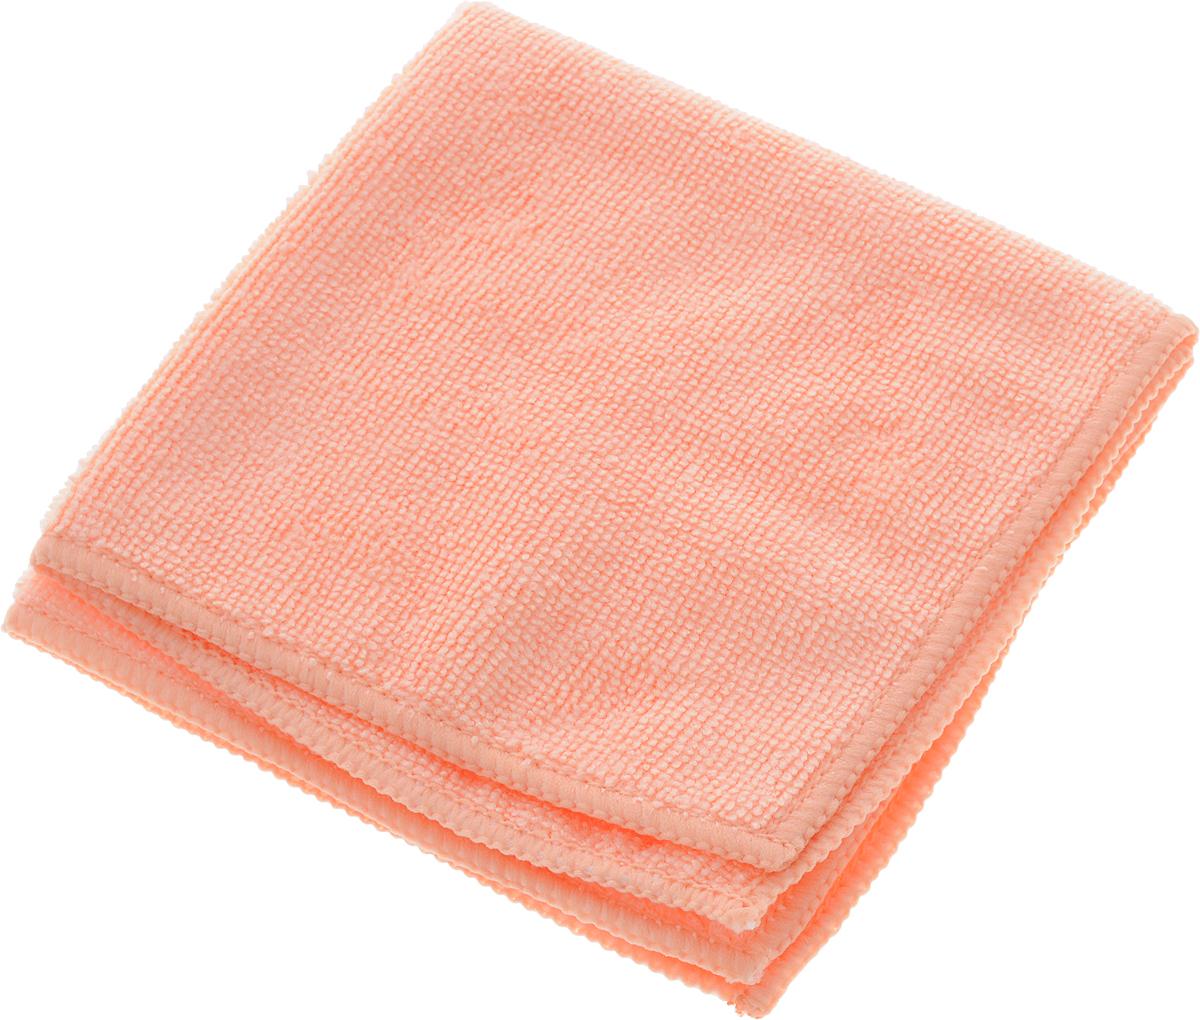 Салфетка для влажной уборки Помощница, цвет: персиковый, 30 х 30 смHM-2151_коричневый, белый, кругиСупервпитывающая салфетка Помощница, изготовленная из микрофибры, прекрасно подойдет для влажной уборки любых поверхностей на кухне. Изделие обладает высокой износоустойчивостью и рассчитано на многократное использование, легко моется в теплой воде с мягкими чистящими средствами. Супервпитывающая салфетка не оставляет разводов и ворсинок, удаляет большинство жирных и маслянистых загрязнений без использования химических средств.